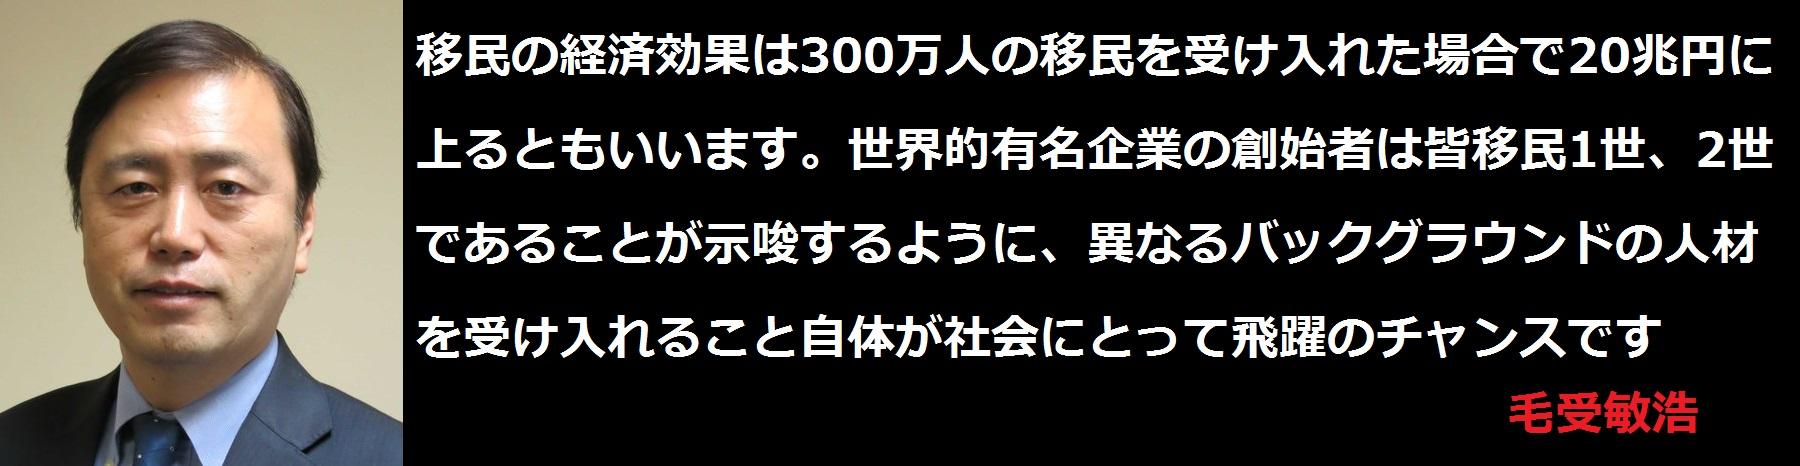 f:id:JAPbuster:20170219015602j:plain